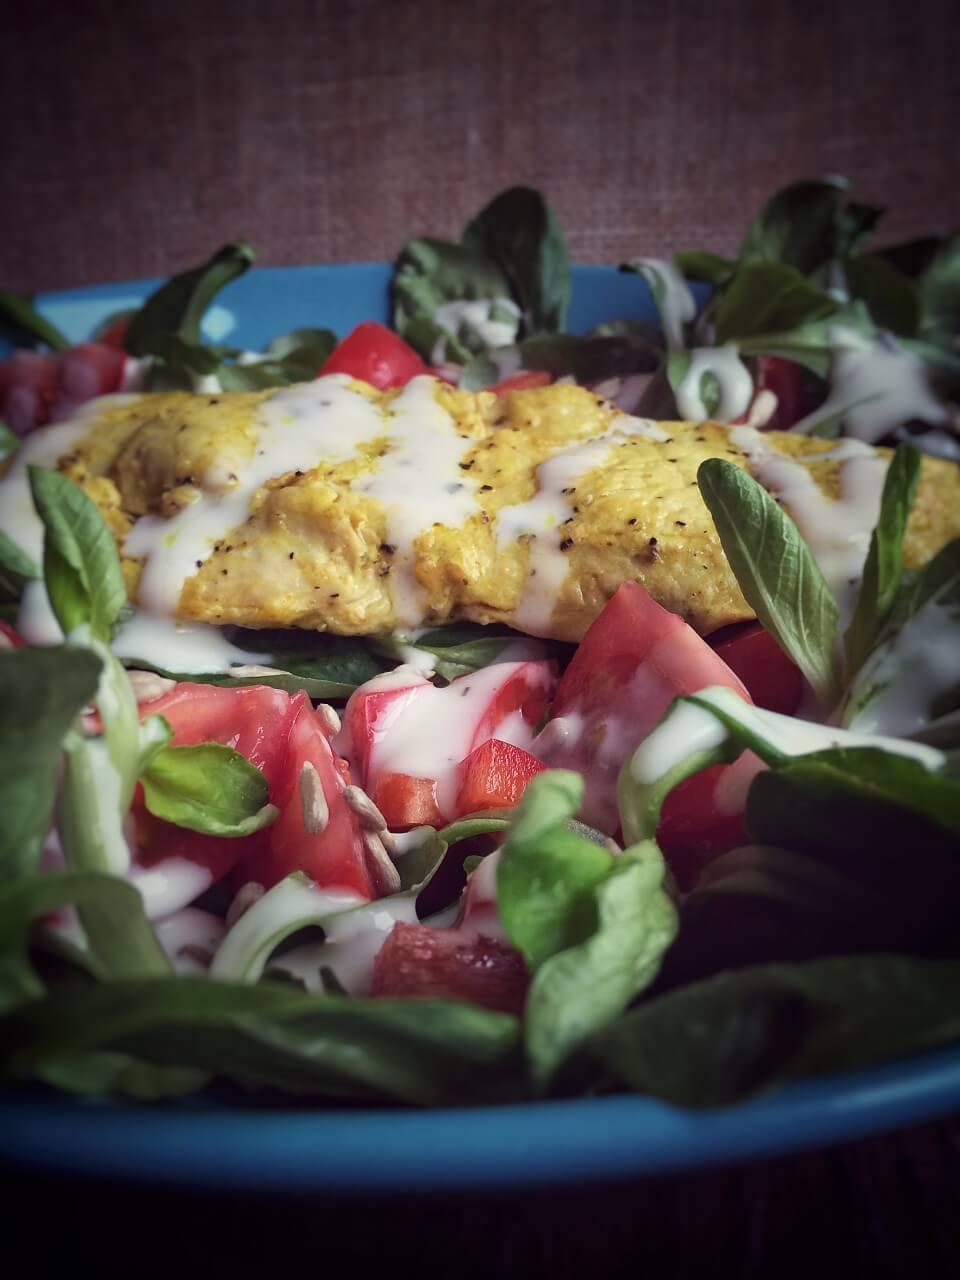 Dampfgegartes Putensteak mit Feldsalat